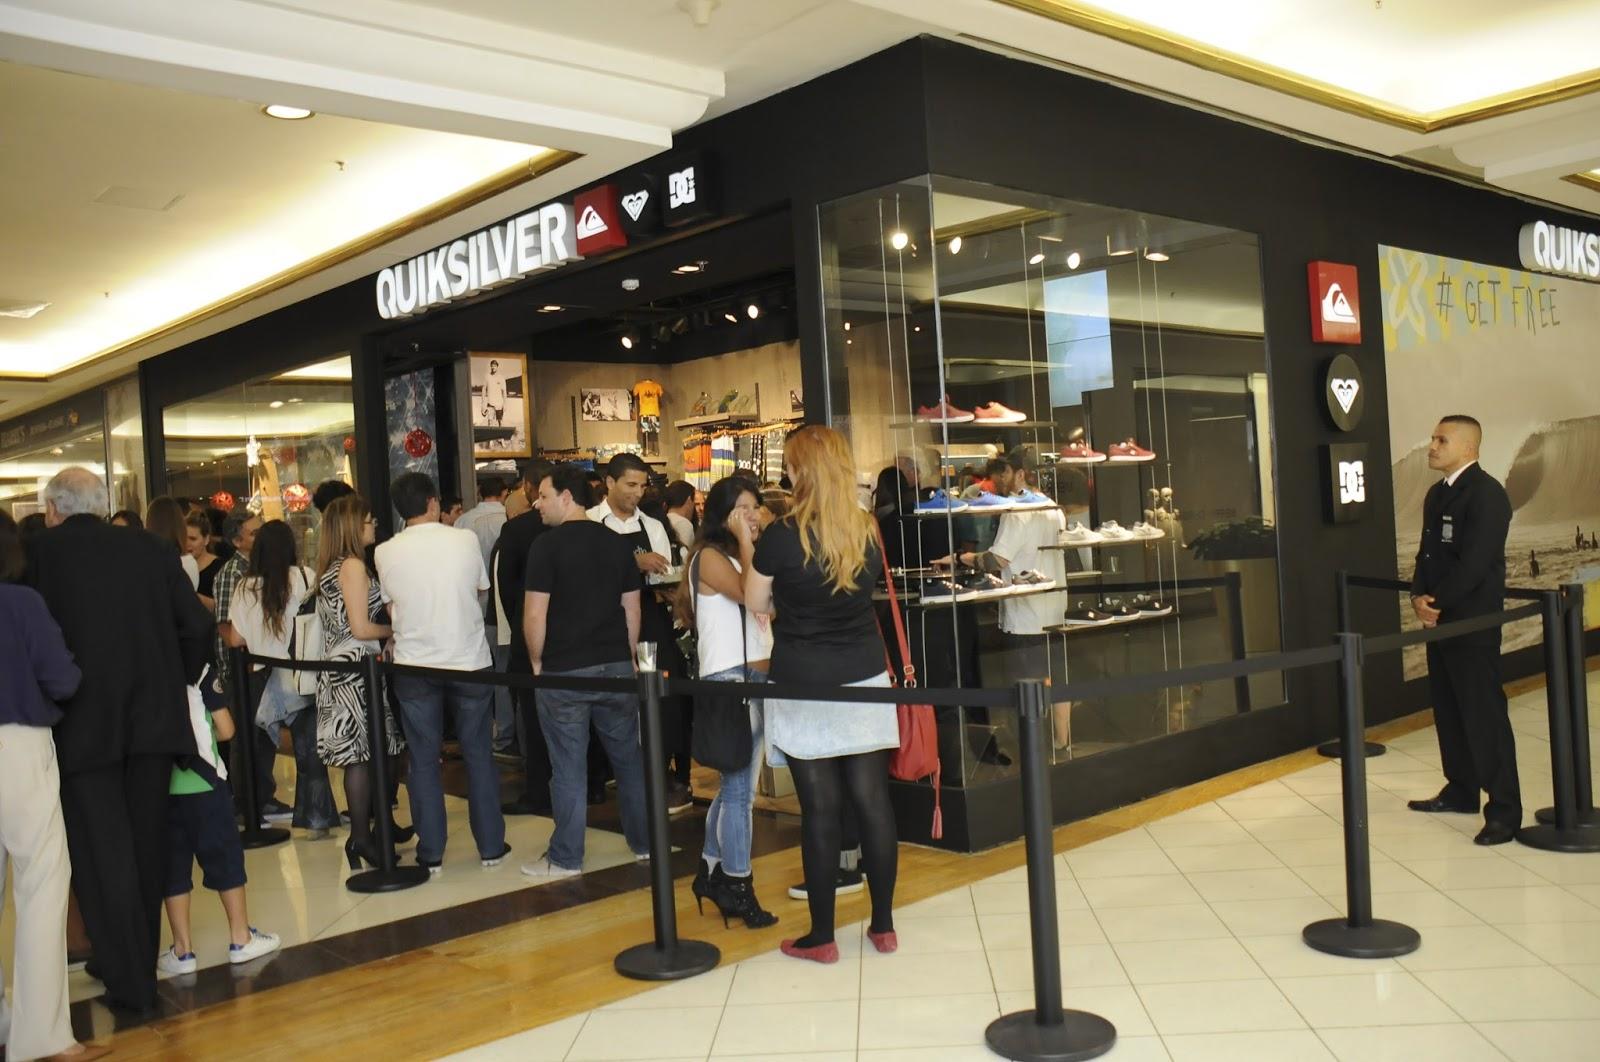 O evento aconteceu no Shopping Iguatemi São Paulo e contou com a presença  do diretor geral da Quiksilver no Brasil, Gustavo Belloc, além dos atores  Kayky ... 56586d2c1e